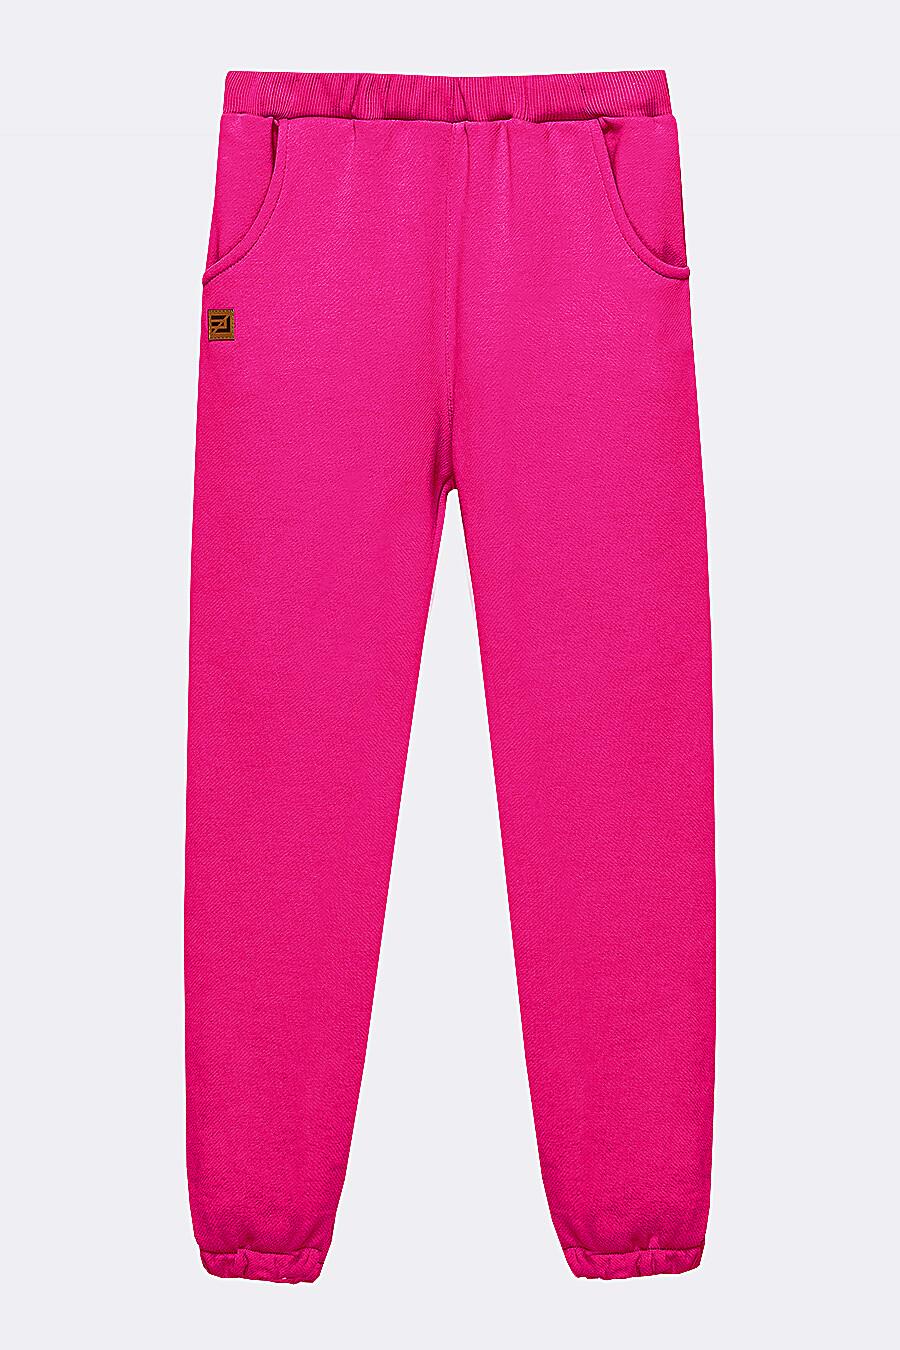 Костюм(Худи+Брюки) для девочек EZANNA 682534 купить оптом от производителя. Совместная покупка детской одежды в OptMoyo